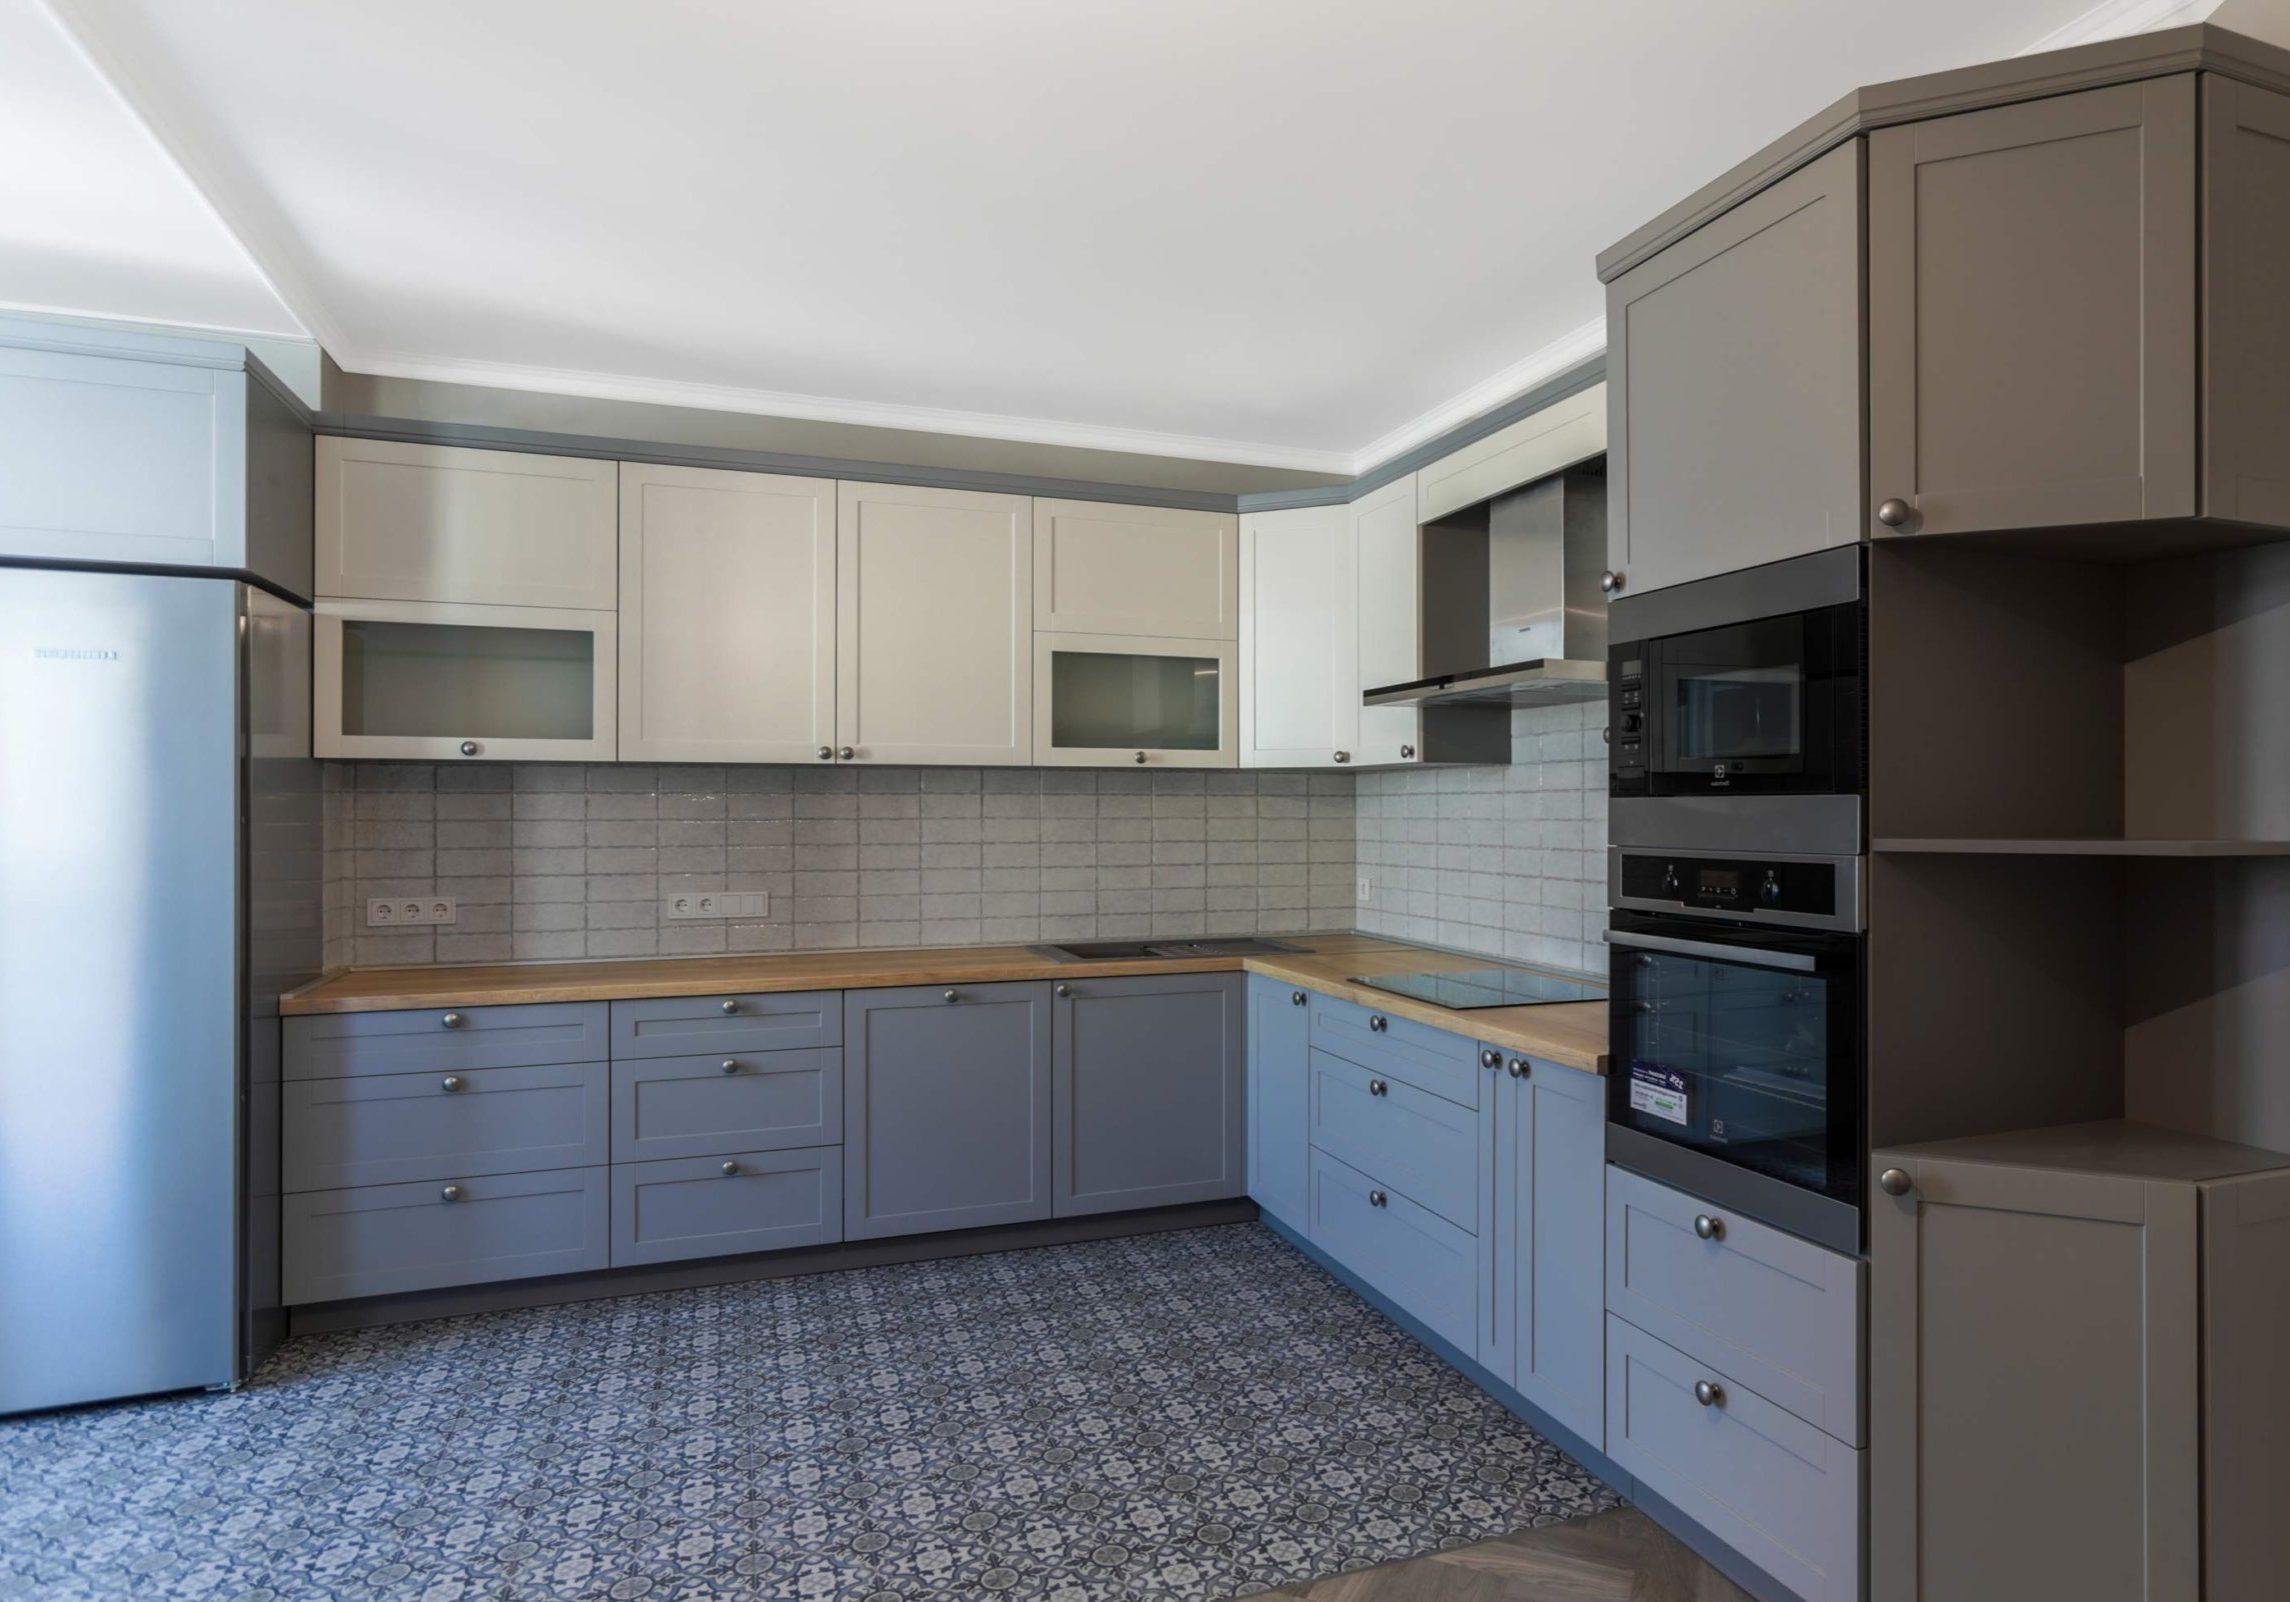 Большая угловая серо-белая кухня с матовыми МДФ фасадами, модерн